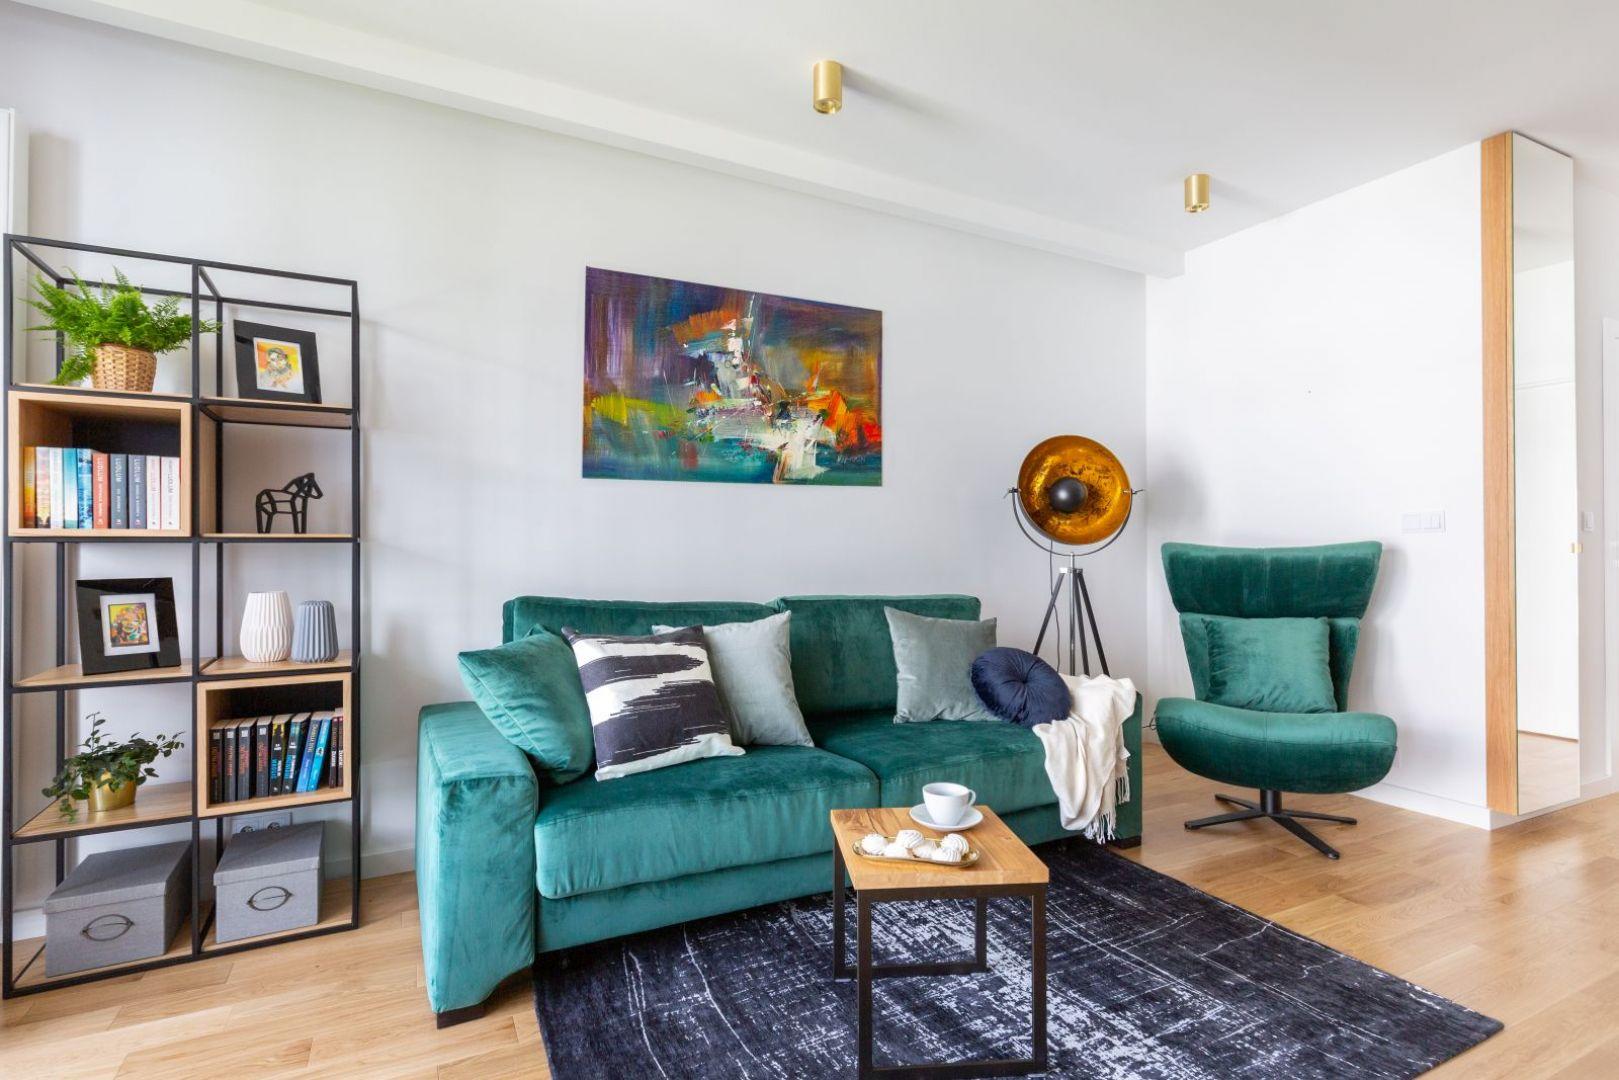 W małym salonie może sprawdzić się układ mała kanapa + fotel oraz niewielki stolik kawowy. Projekt Decoroom. Zdjęcia i stylizacja Marta Behling  Pion Poziom Fotografia Wnętrz